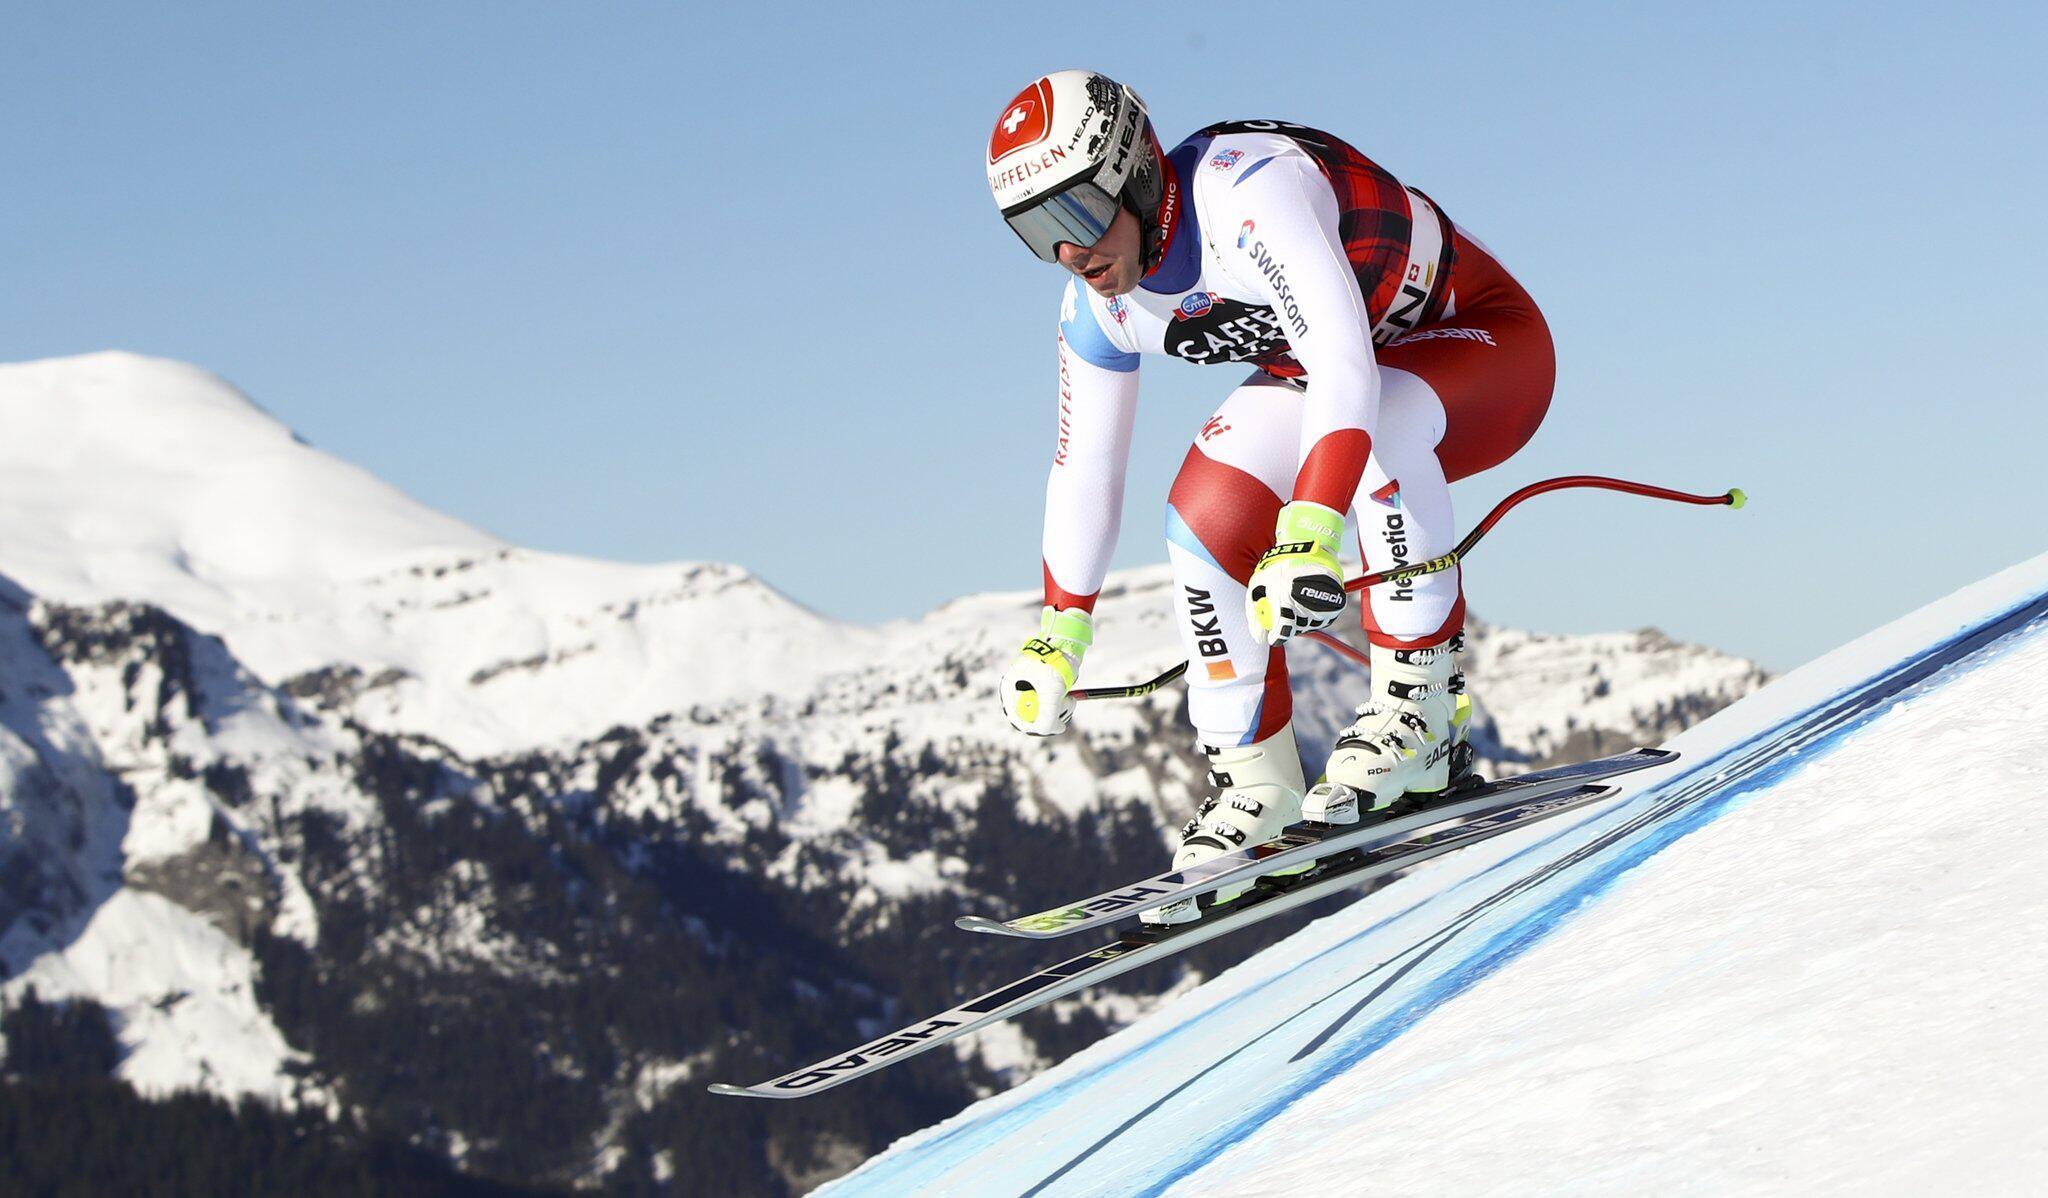 Bild zu Ski alpin: Weltcup in Österreich